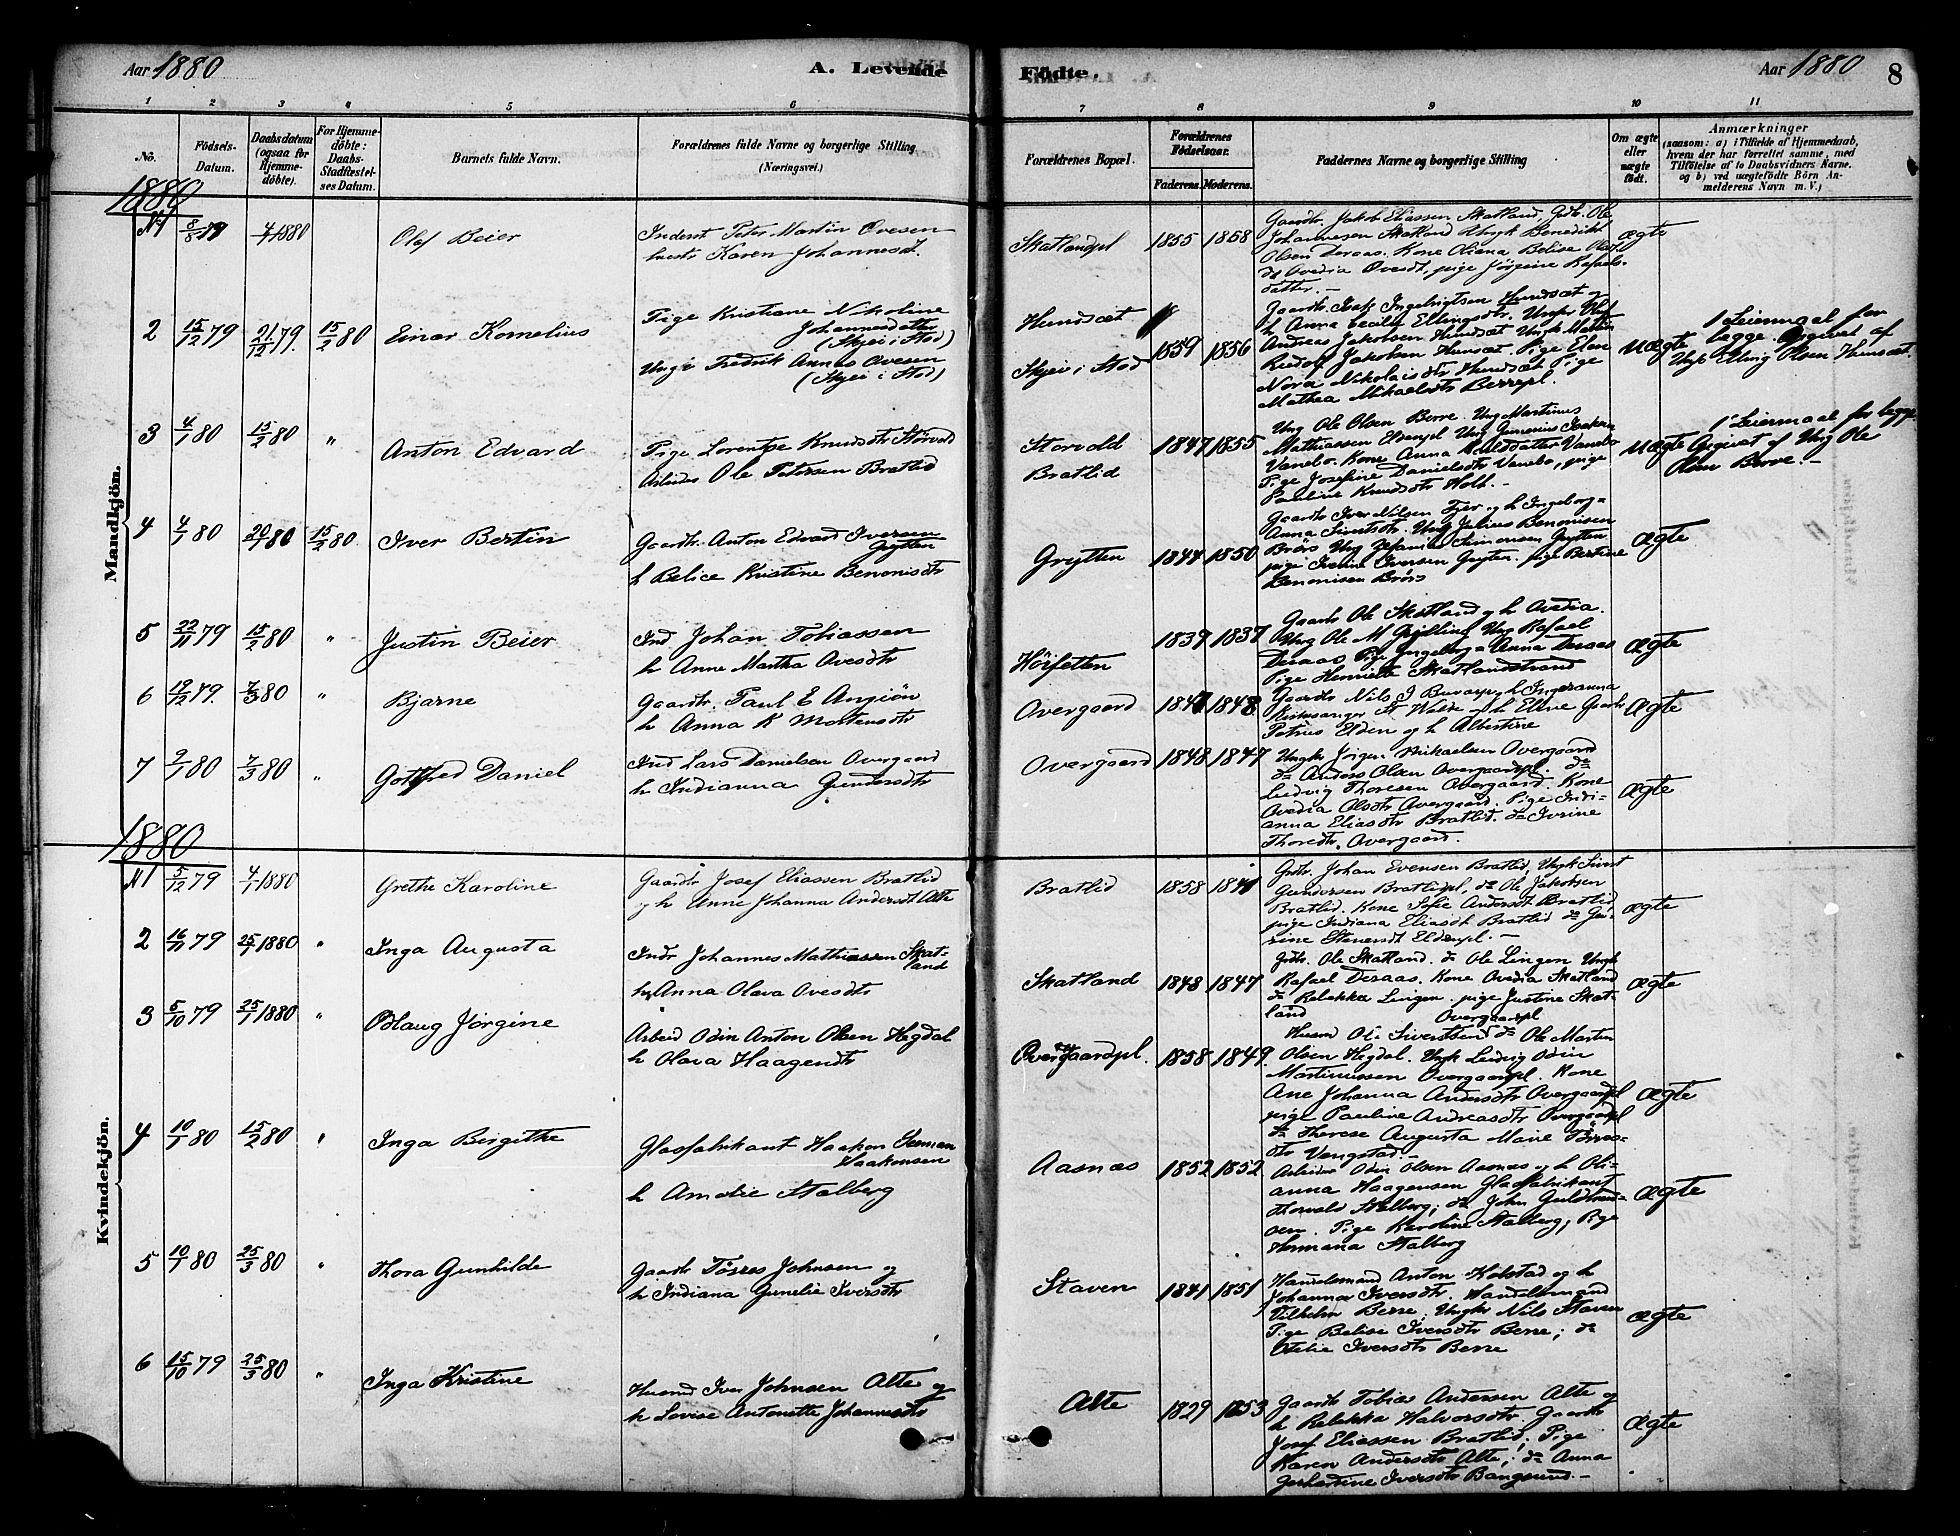 SAT, Ministerialprotokoller, klokkerbøker og fødselsregistre - Nord-Trøndelag, 742/L0408: Ministerialbok nr. 742A01, 1878-1890, s. 8